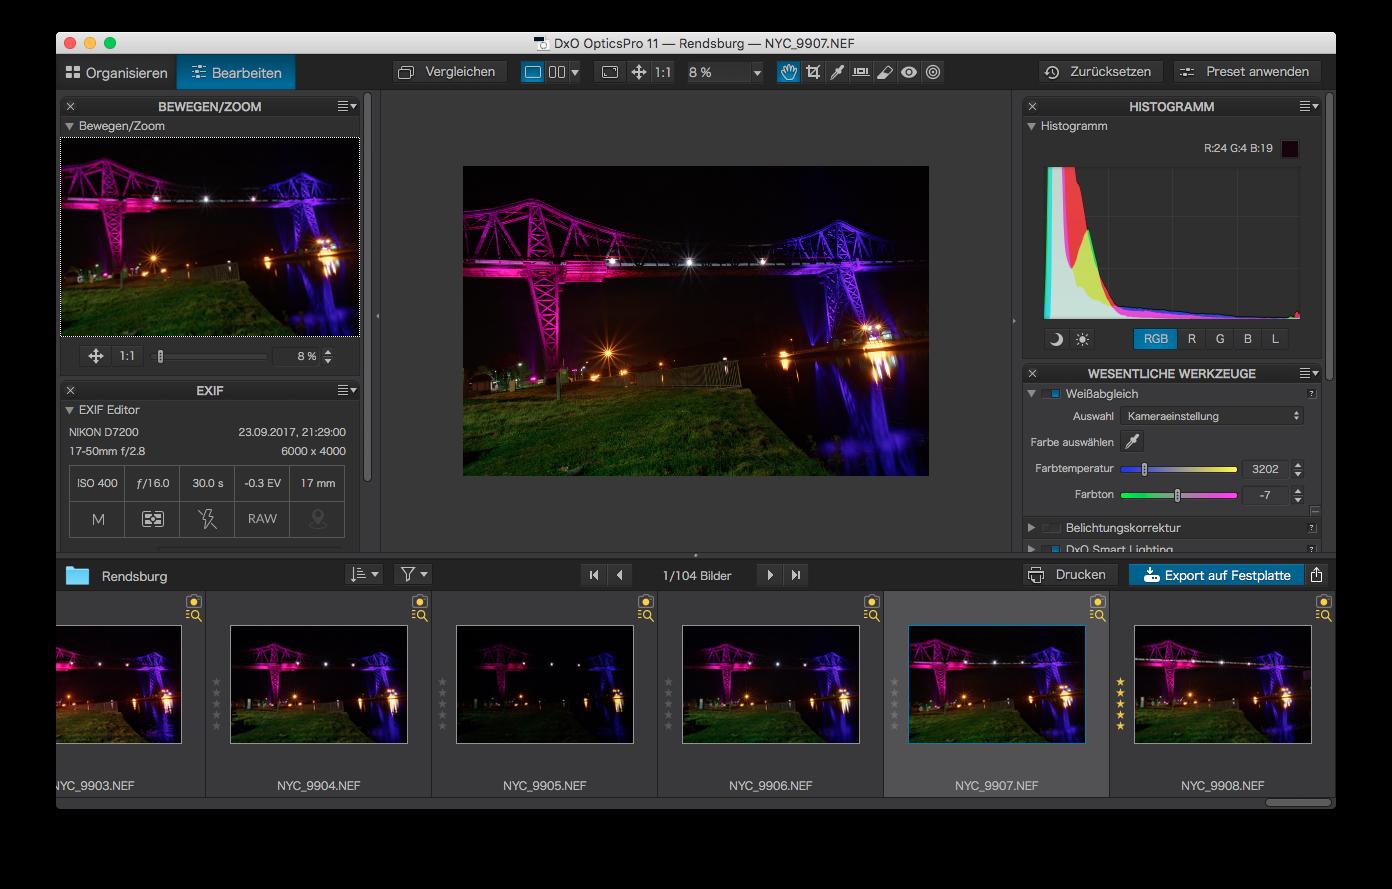 Kostenlos: RAW-Bildbearbeitungsprogramm DxO OpticsPro 11